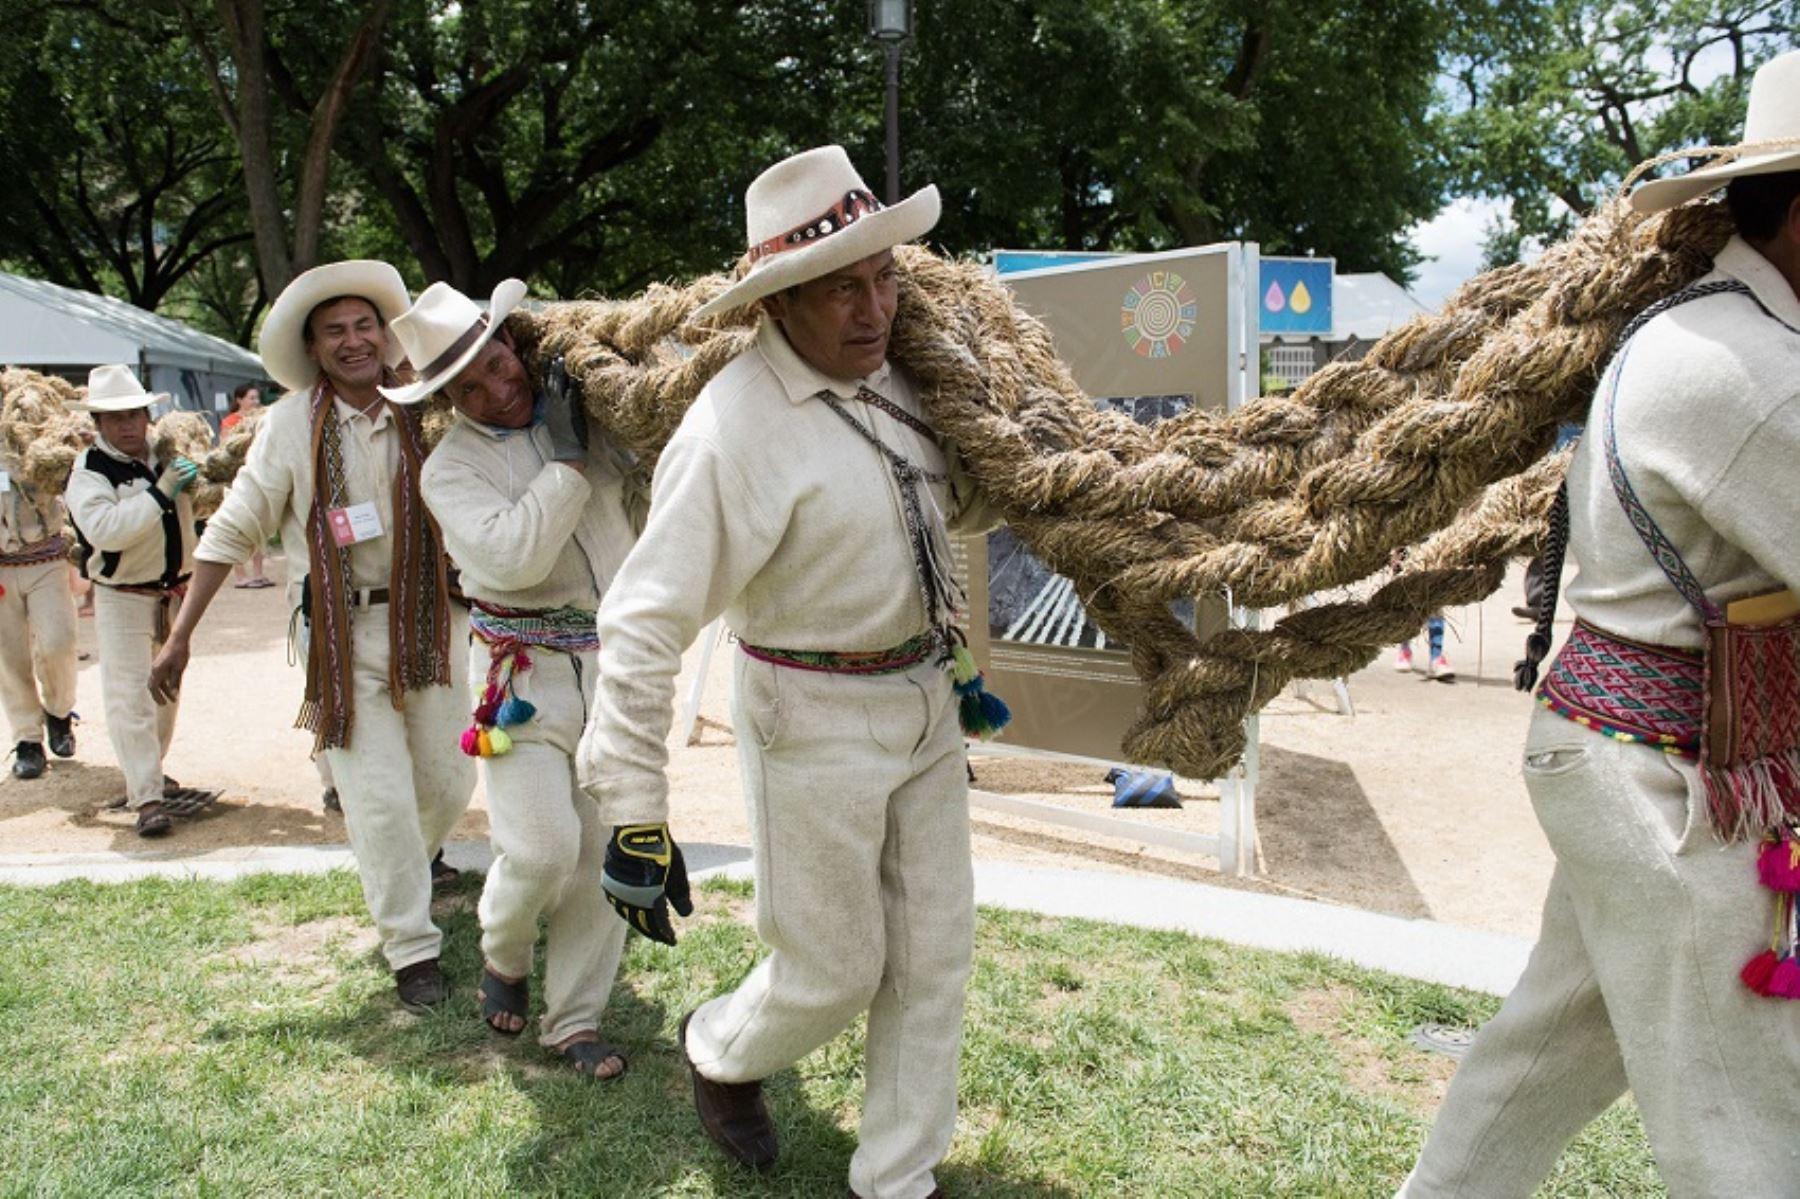 Ingeniería y tradición andina en el Smithsonian Folklife Festival. Foto: Difusión